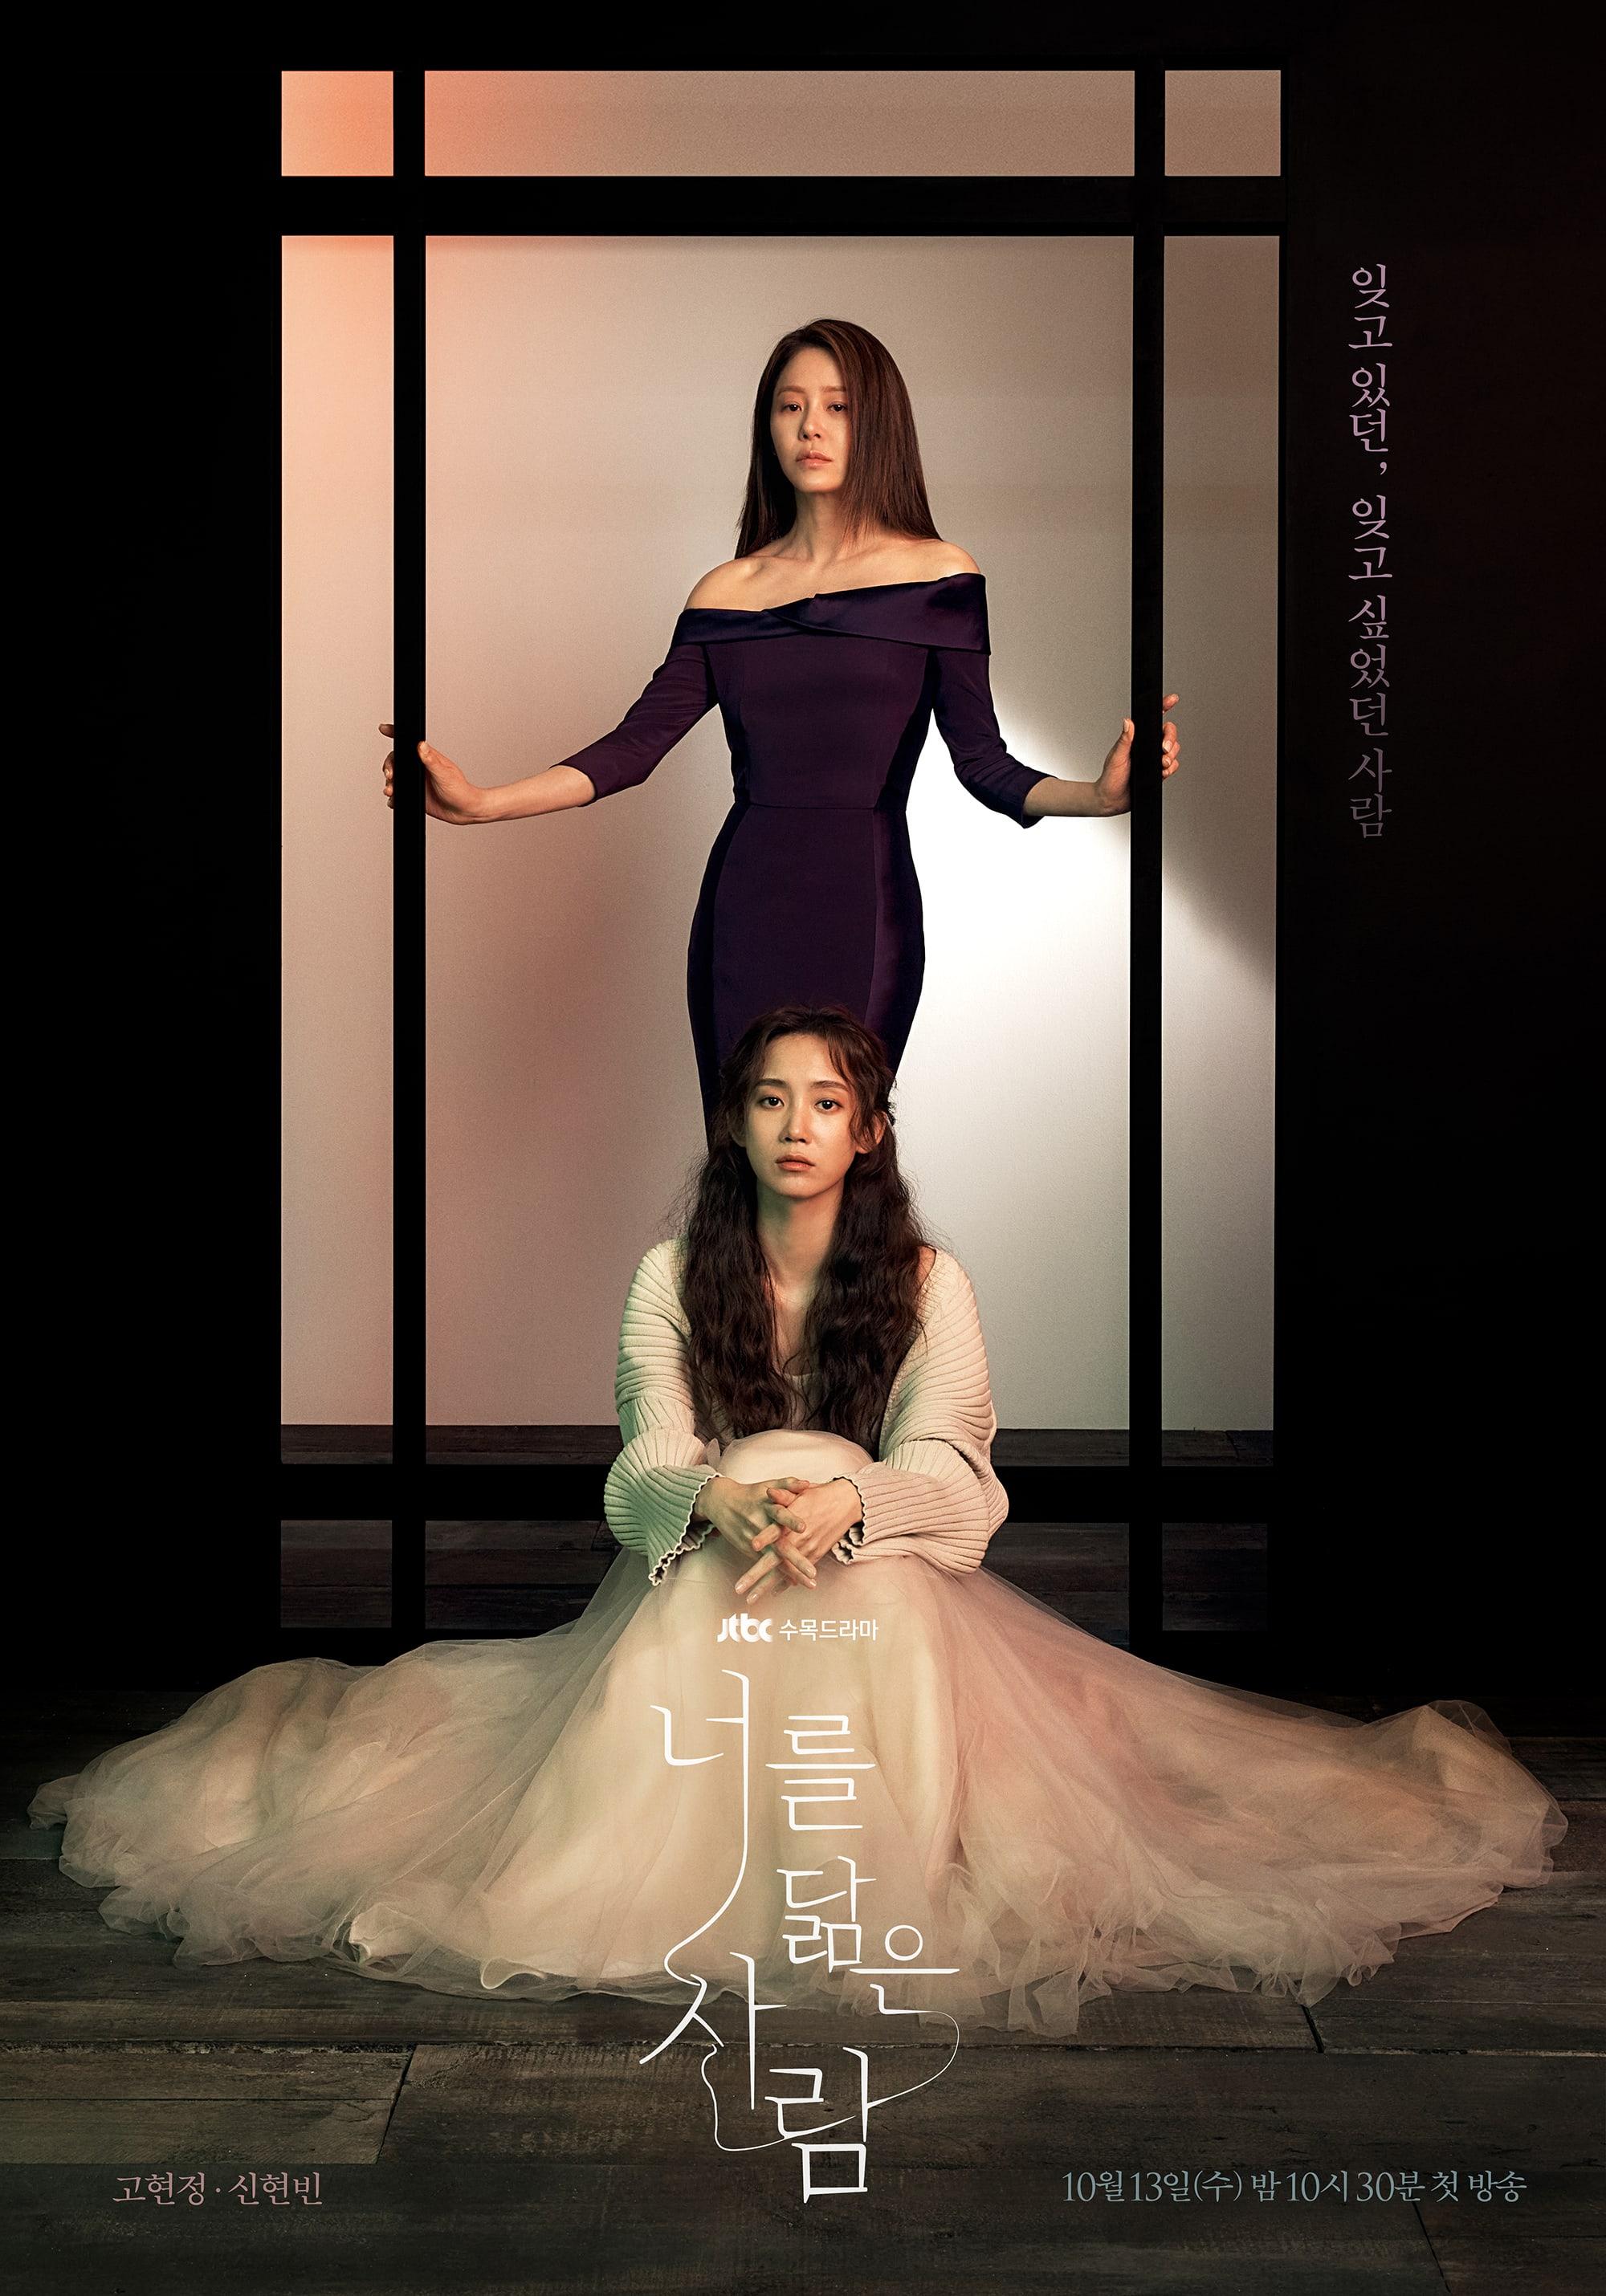 Go Hyun Jung và Shin Hyun-been hứa hẹn sẽ có những tương tác bất ngờ trong Reflection of You.